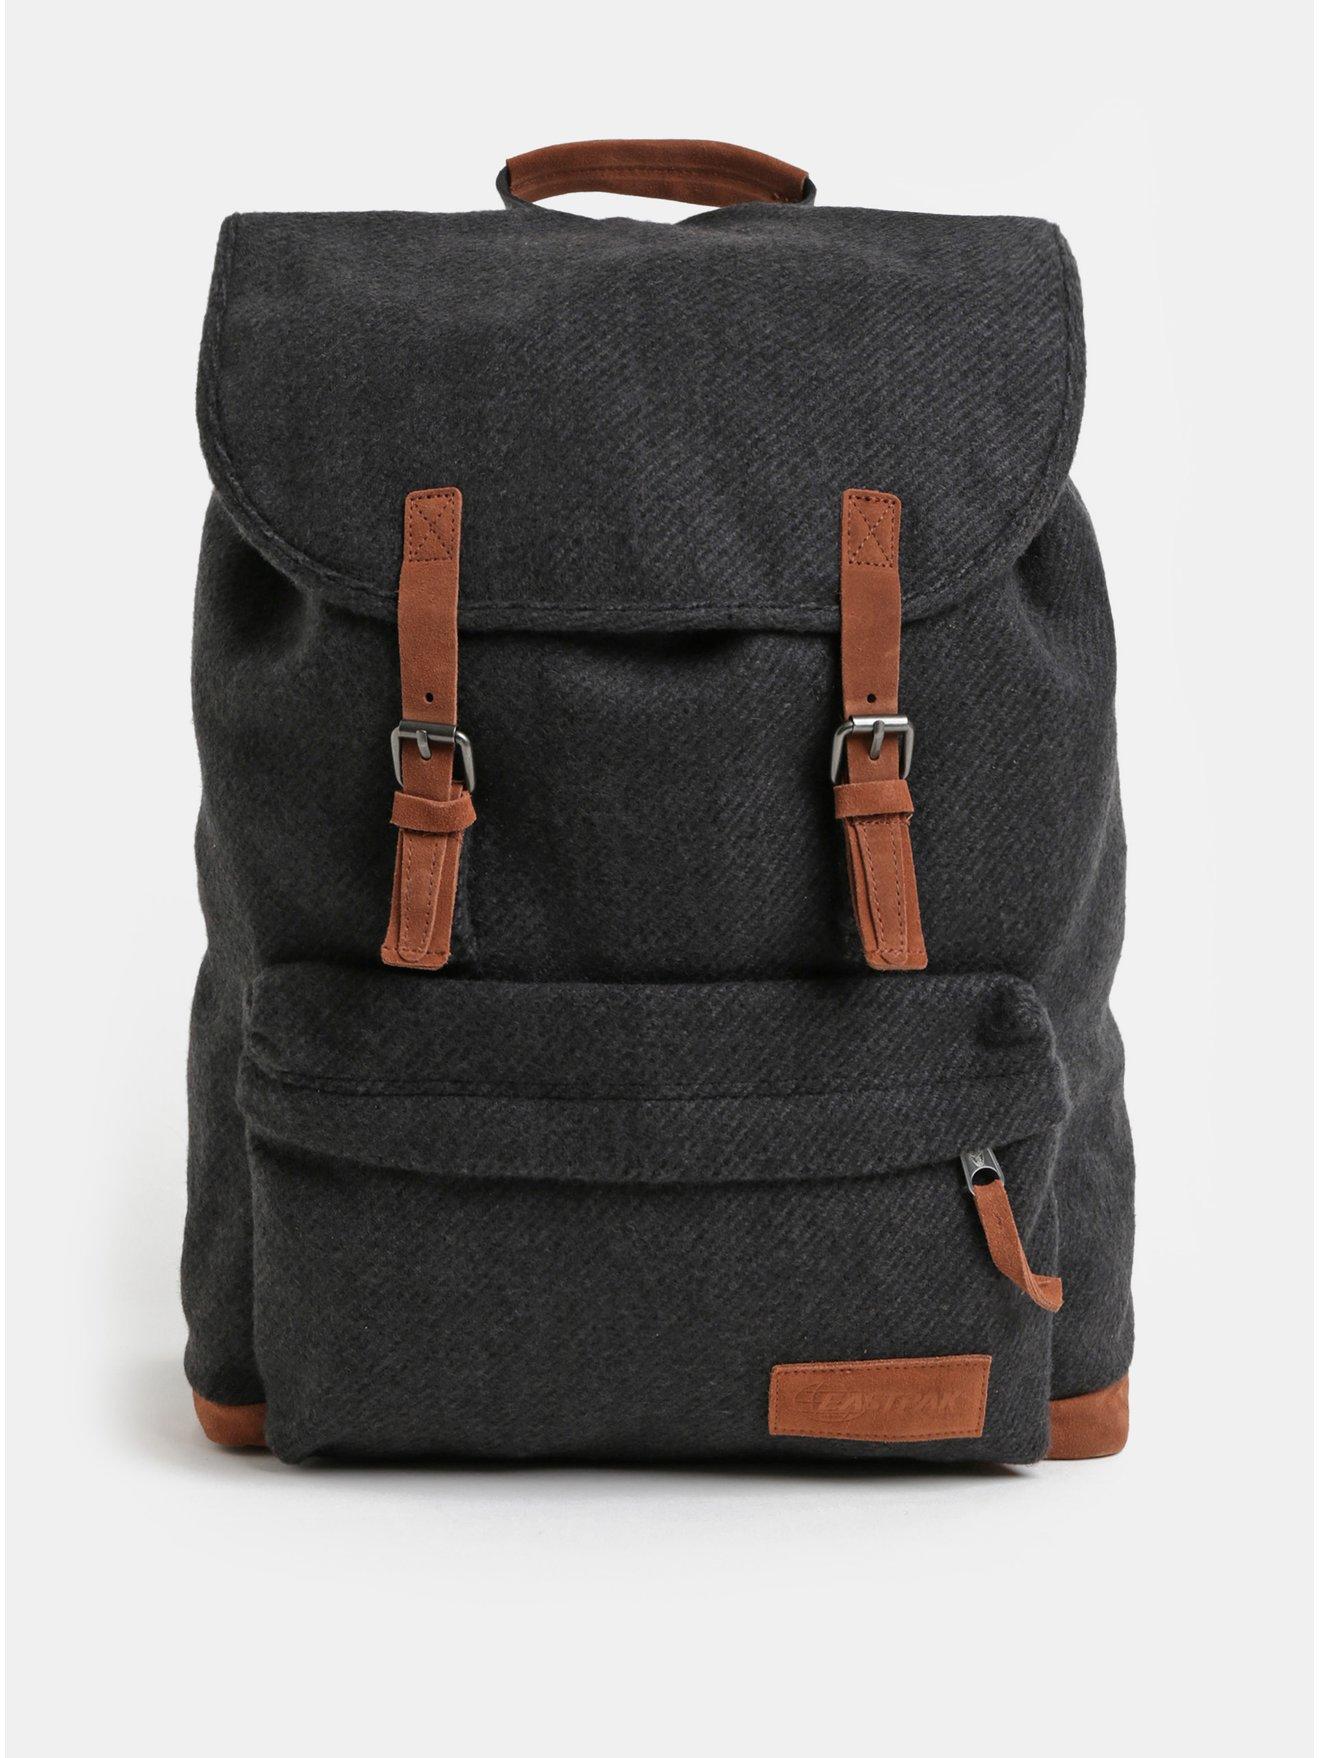 Tmavě šedý batoh se semišovými detaily Eastpak Fleather 21 l a5467d9e8d